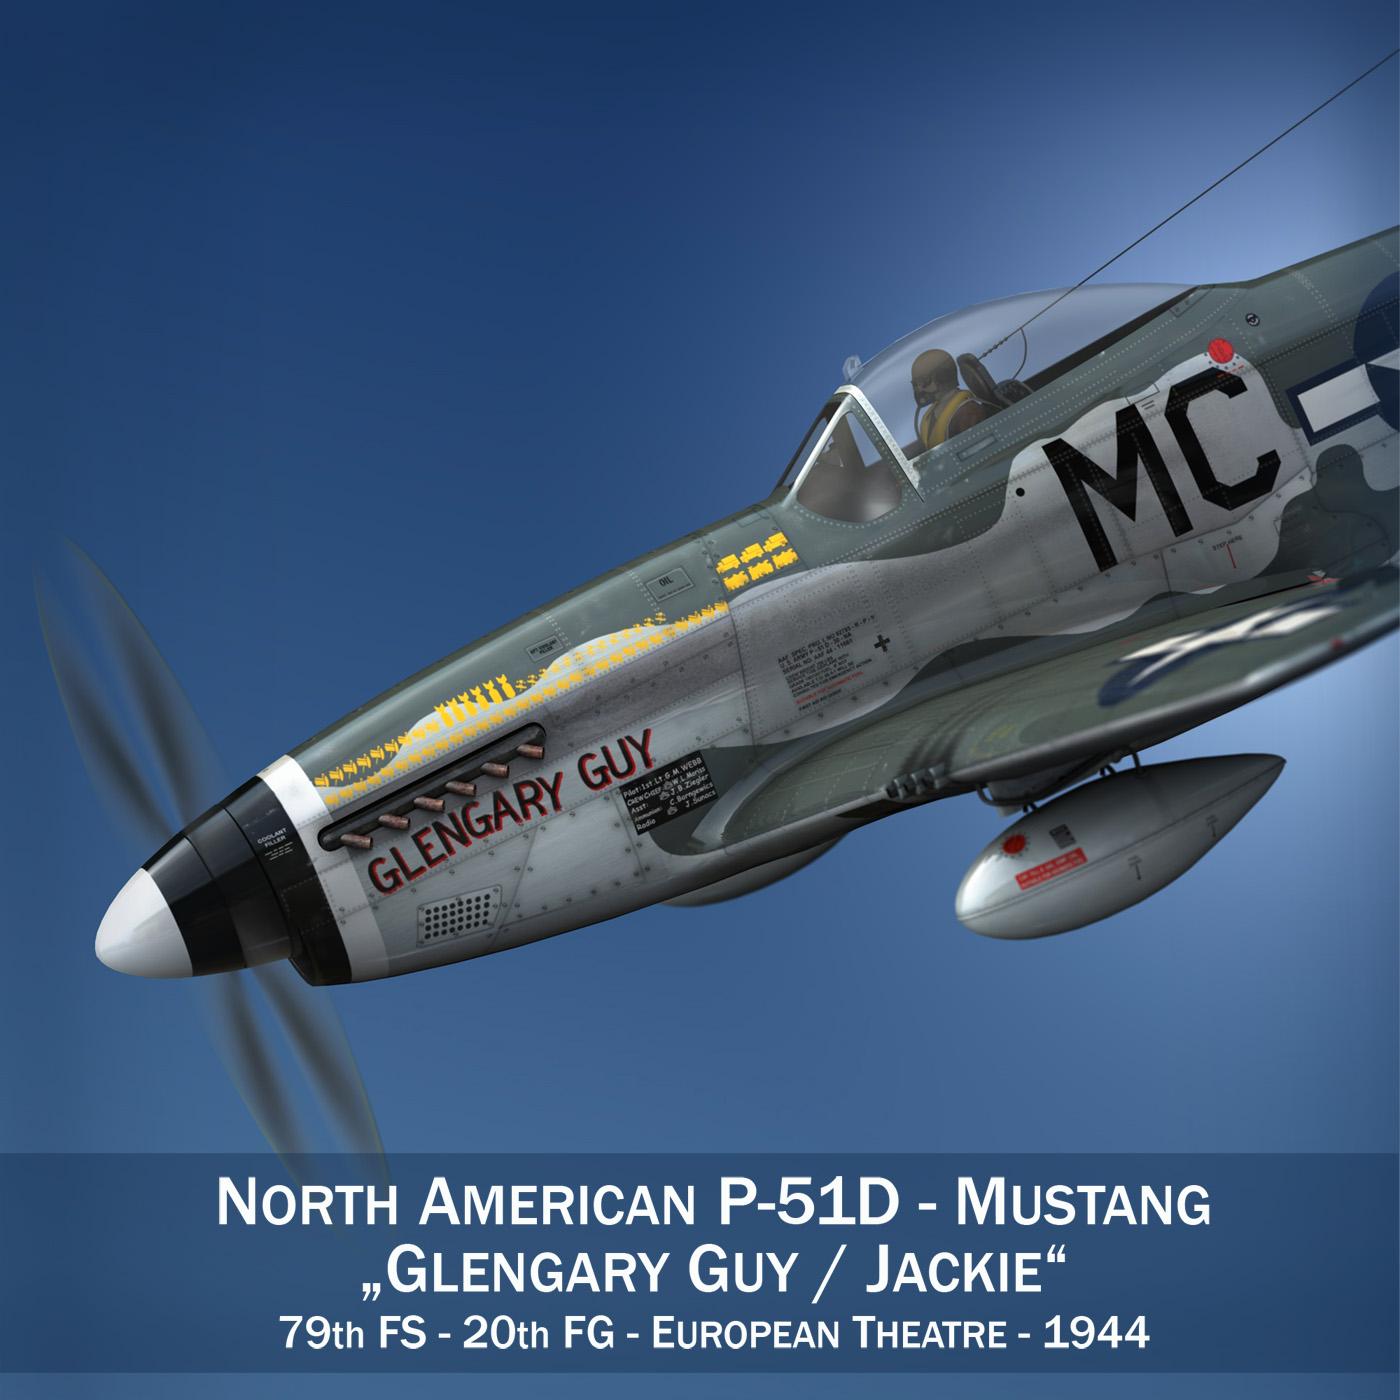 north american p-51d mustang – glengary guy 3d model fbx c4d lwo obj 267515